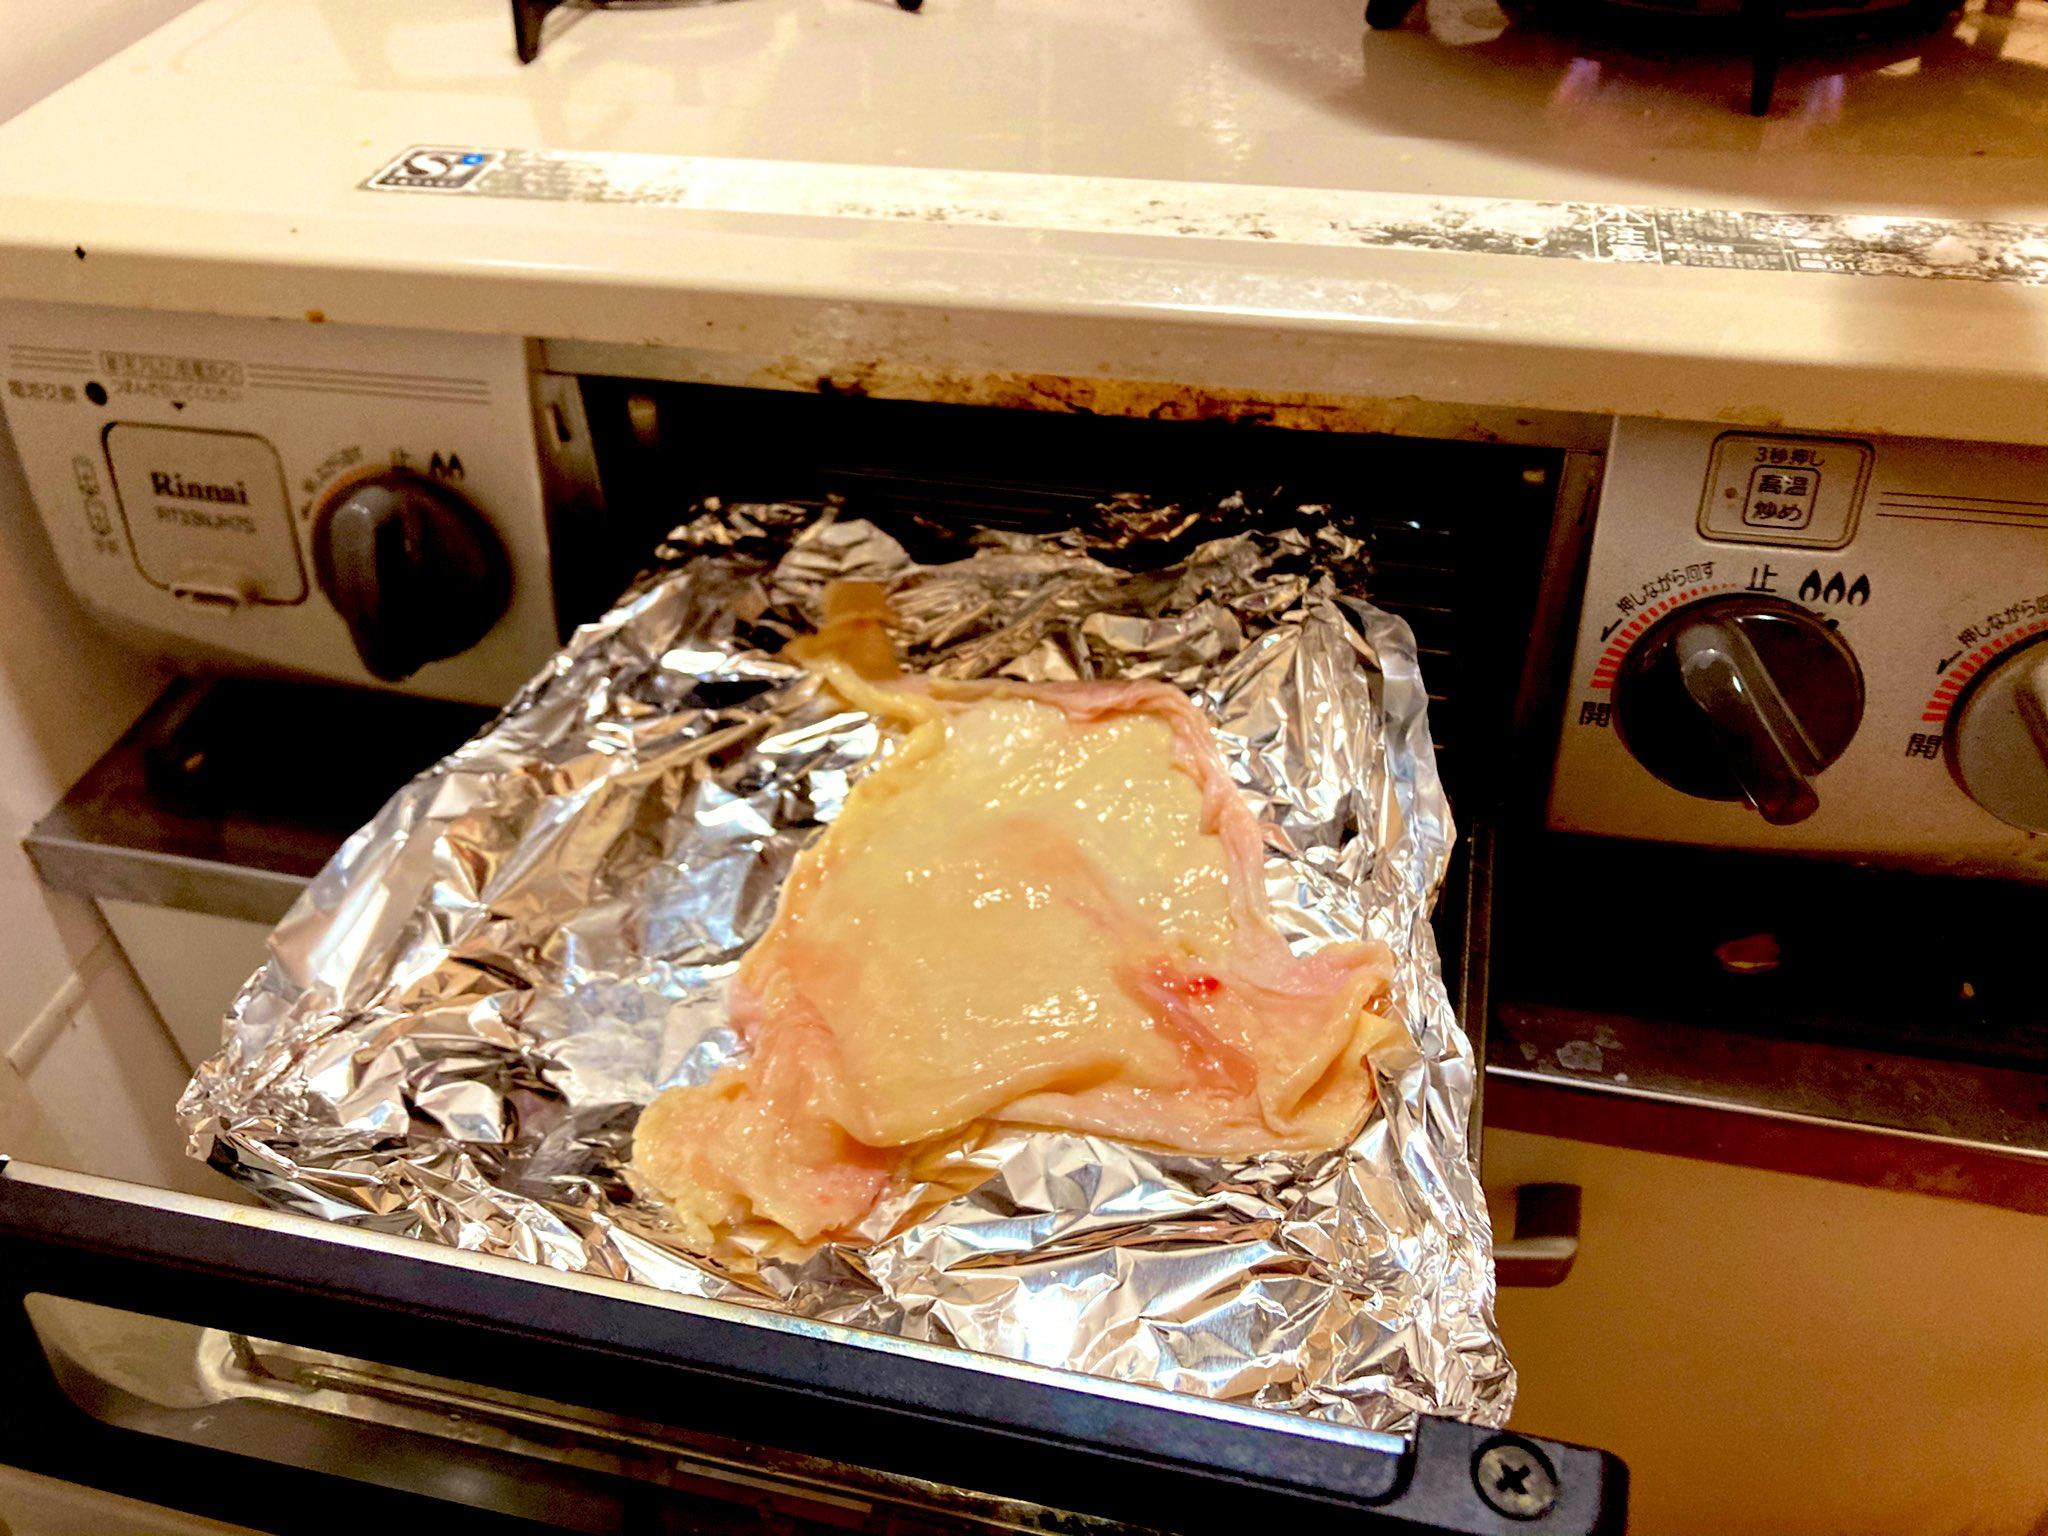 塩を振った鶏皮をあらかじめ暖めたグリルに入れる